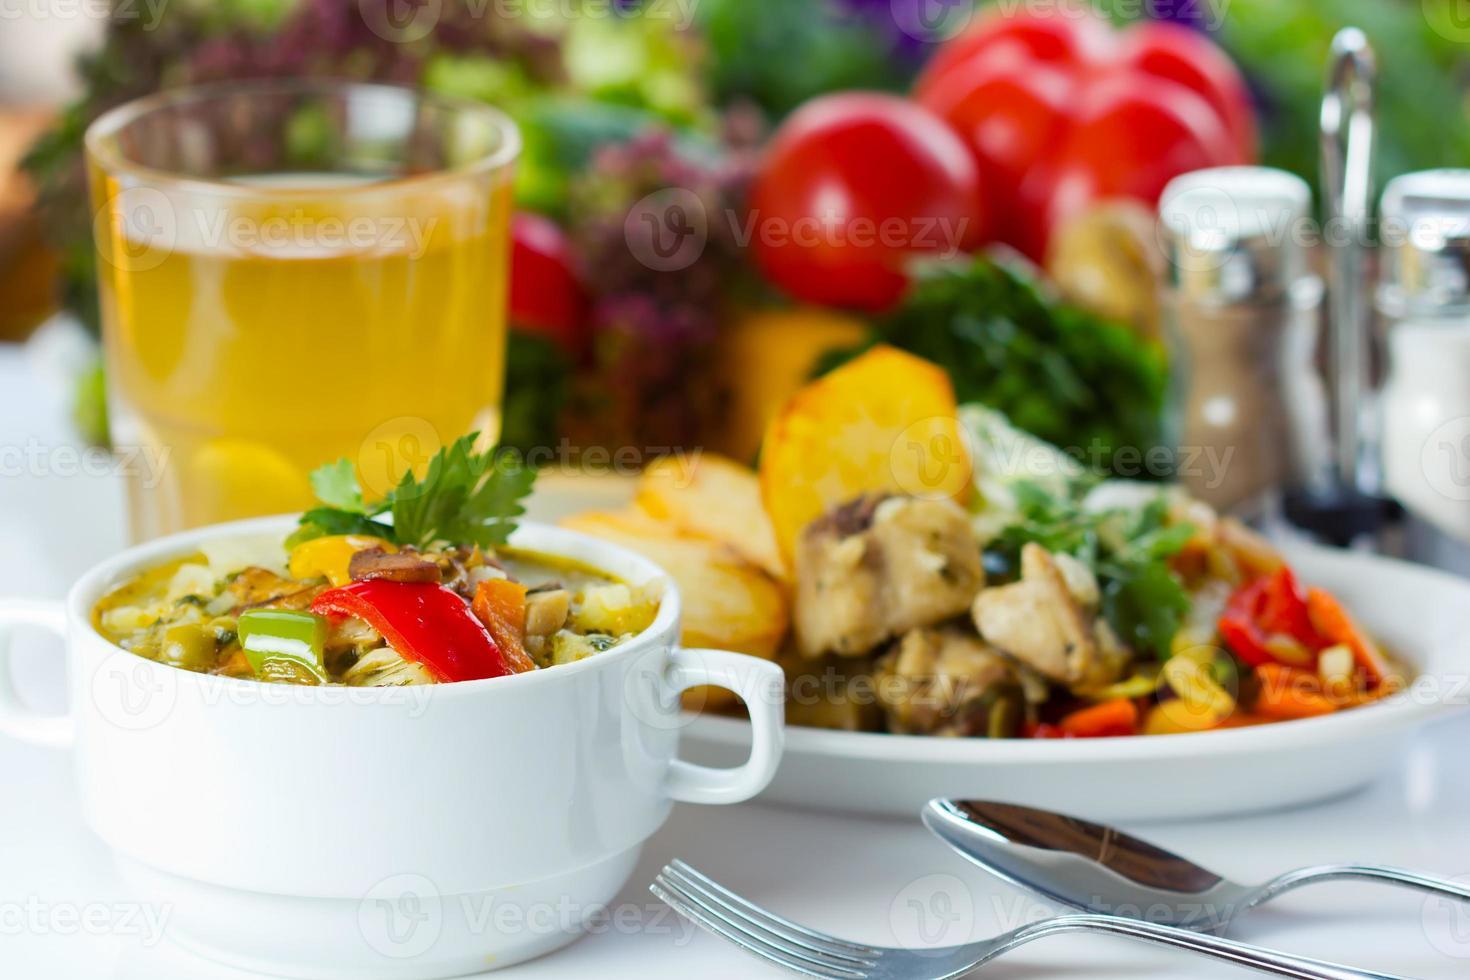 pranzo di lavoro con zuppa, insalata e succo di frutta foto